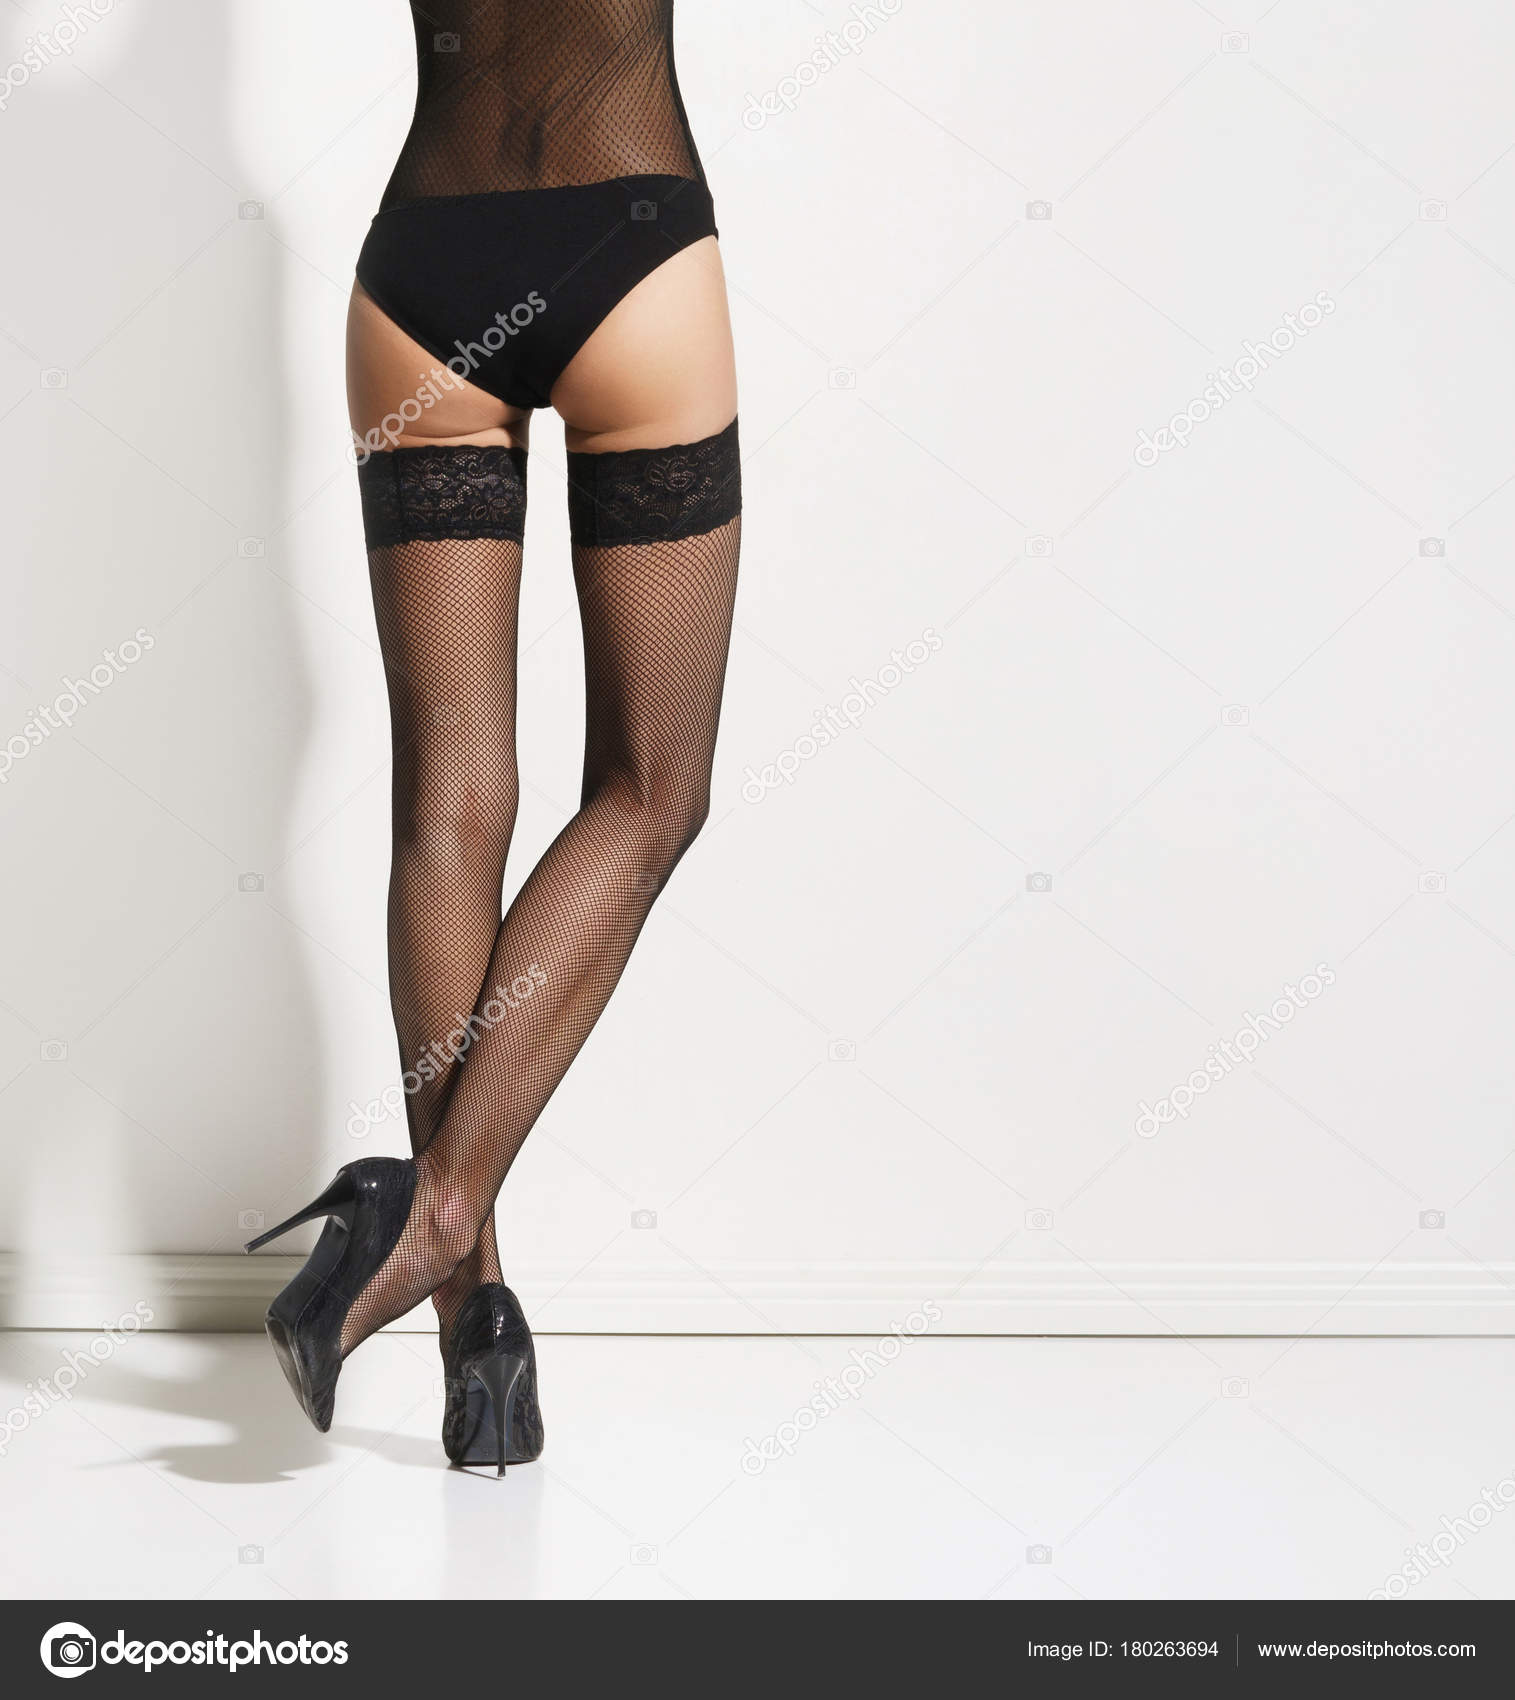 Сексуальные женские ножки чулки